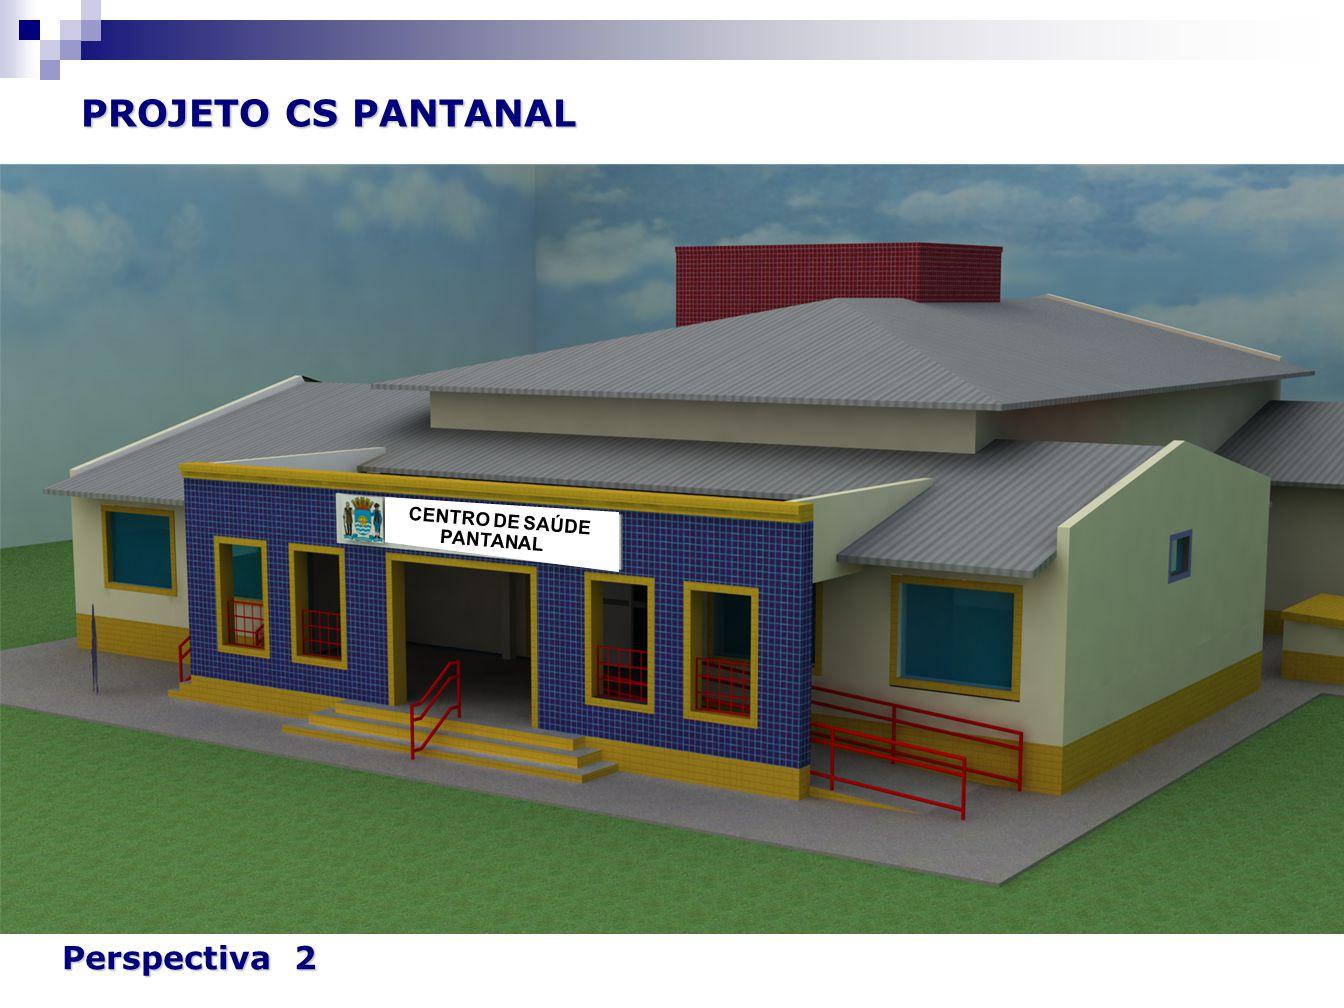 PROJETO CS PANTANAL Perspectiva 2 CENTRO DE SAÚDE PANTANAL